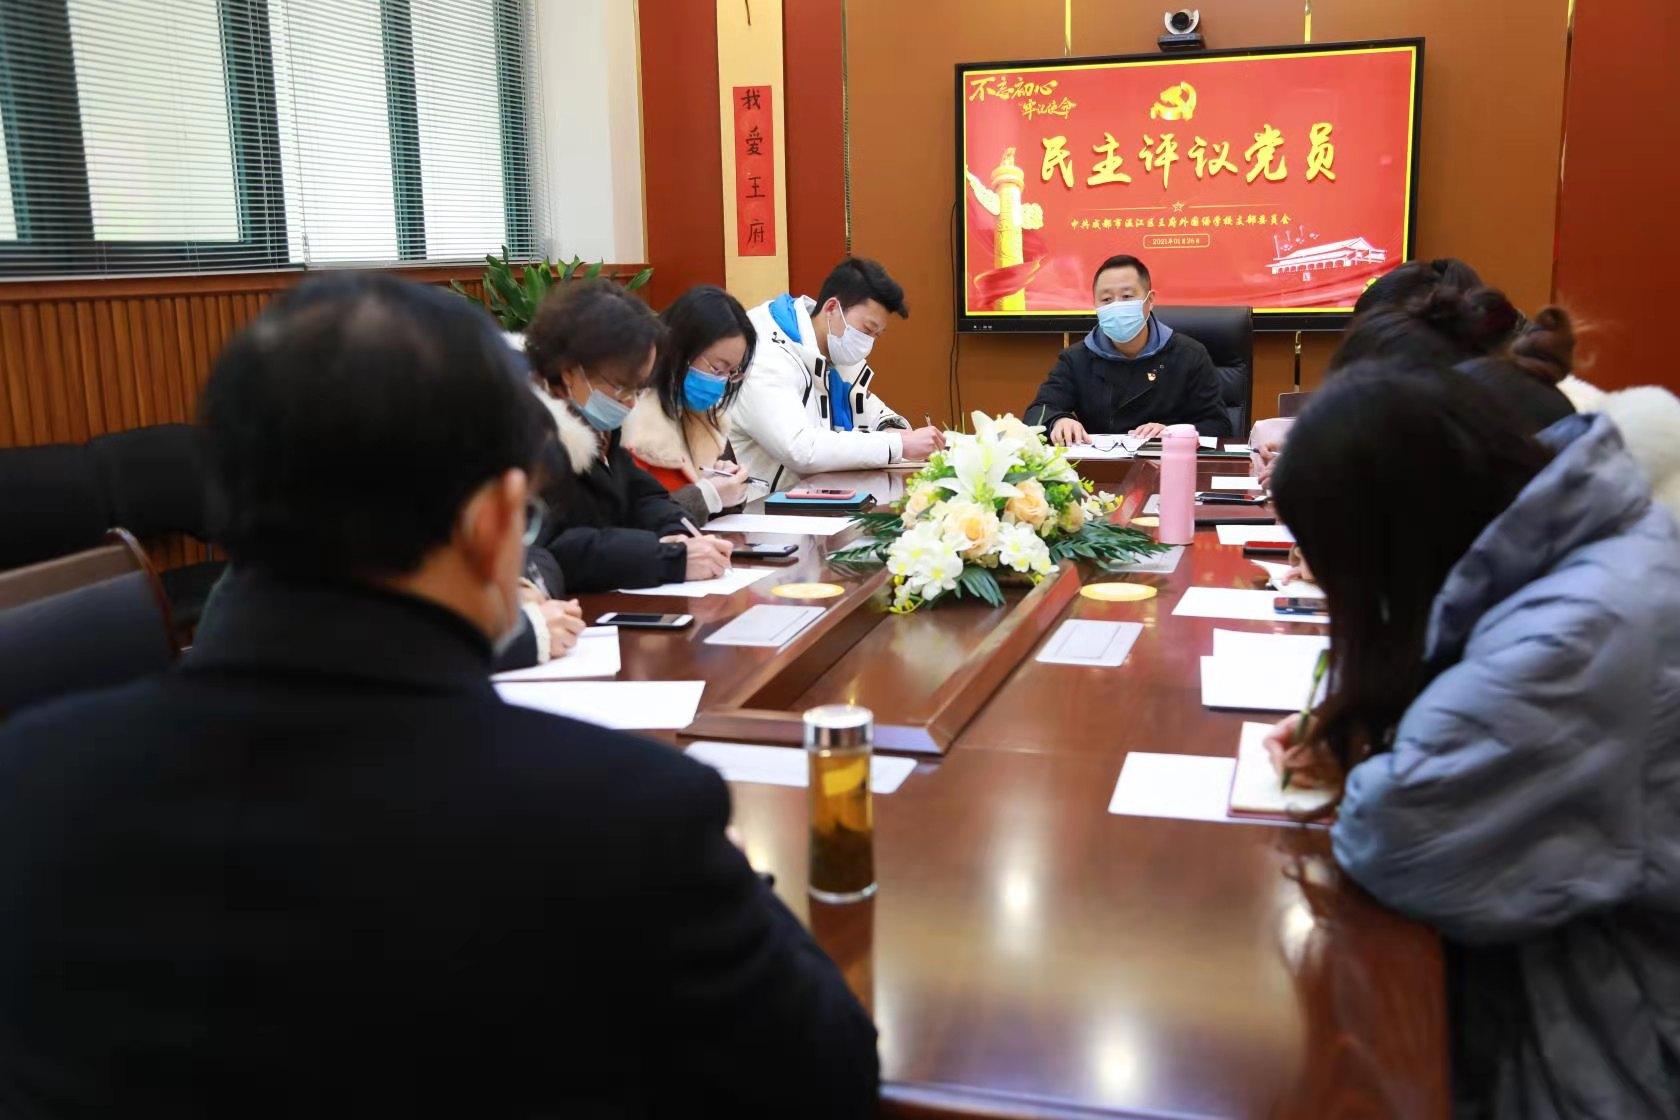 王府外国语学校2020年度党员民主评议会顺利召开